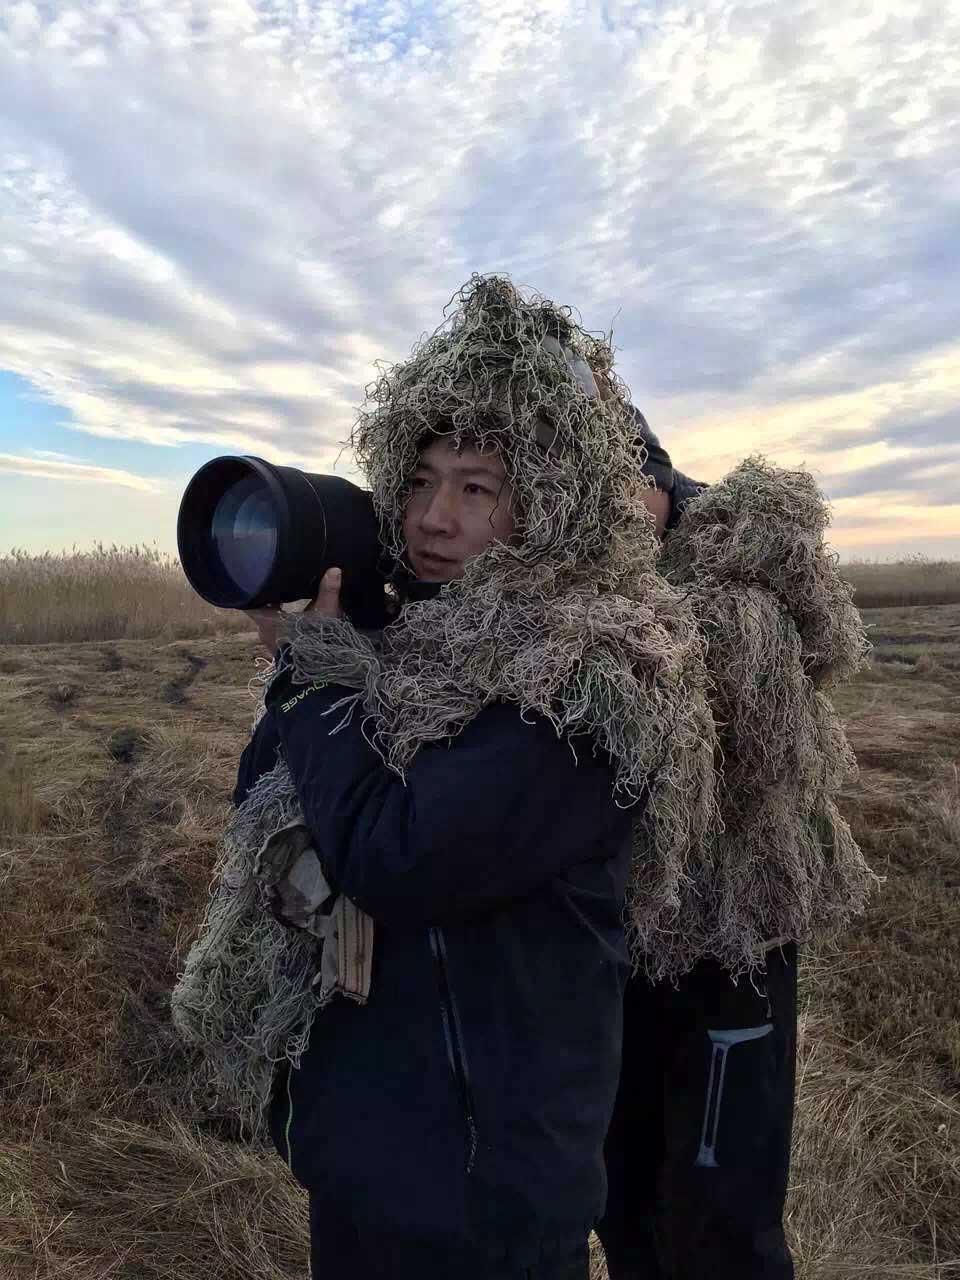 鹤类机警-为了不惊扰到迁徙的鸟儿们-工作人员必须隐蔽在栖息地点附近拍摄